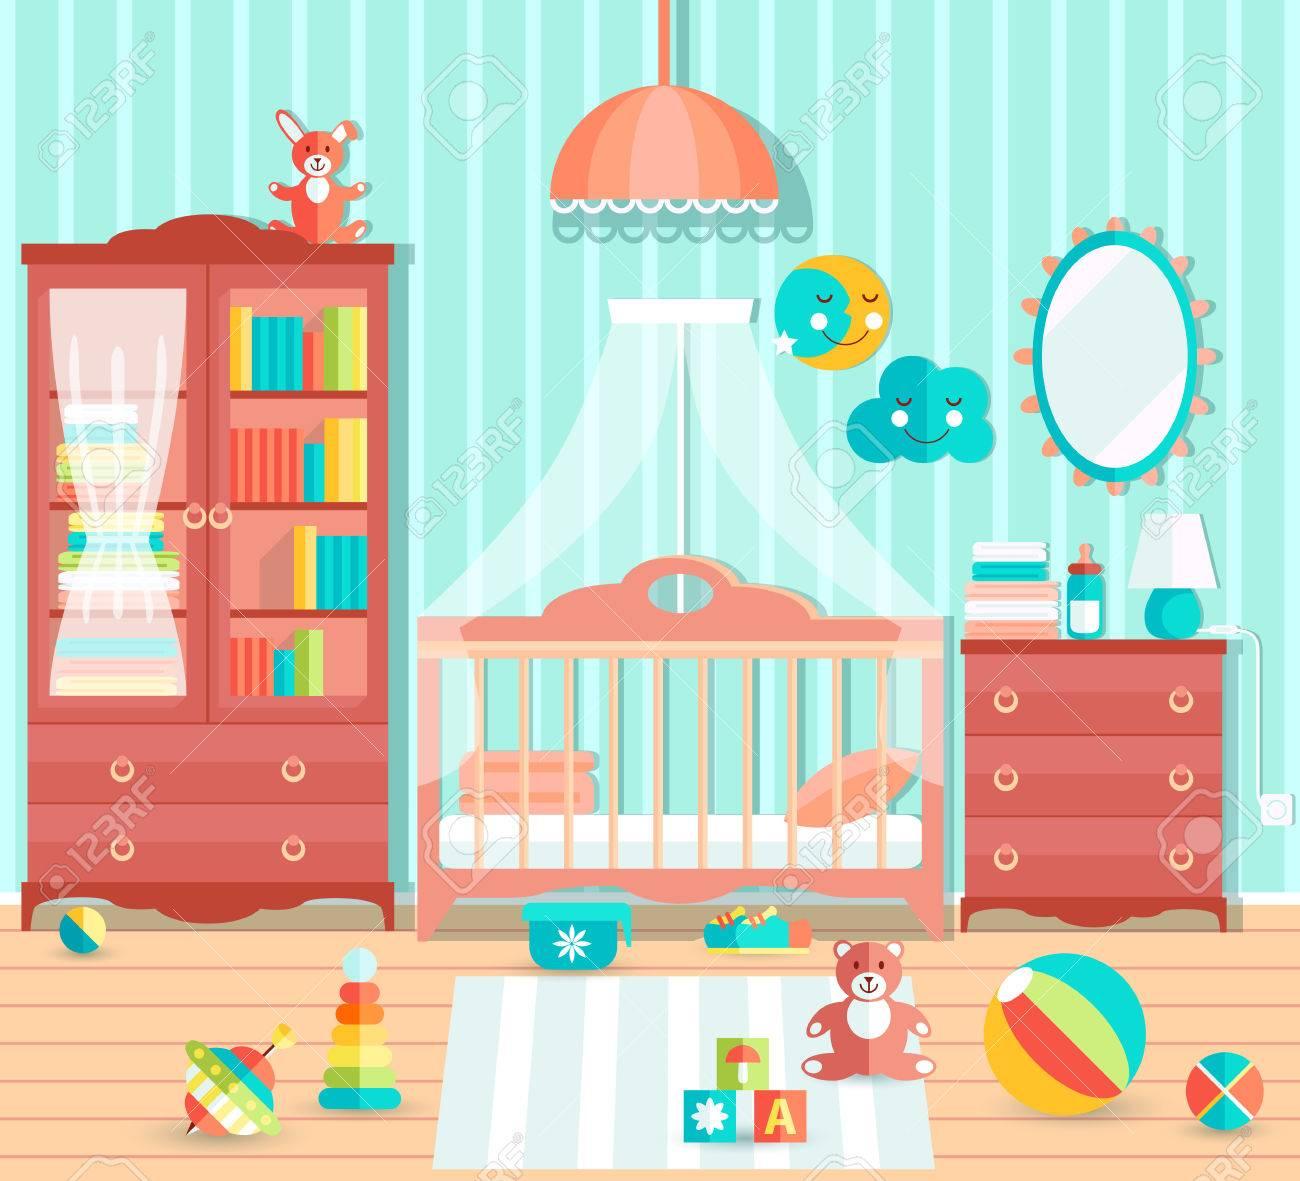 Babyzimmer Mit Mobeln Stilvolle Susse Blaue Farben Flacher Stall